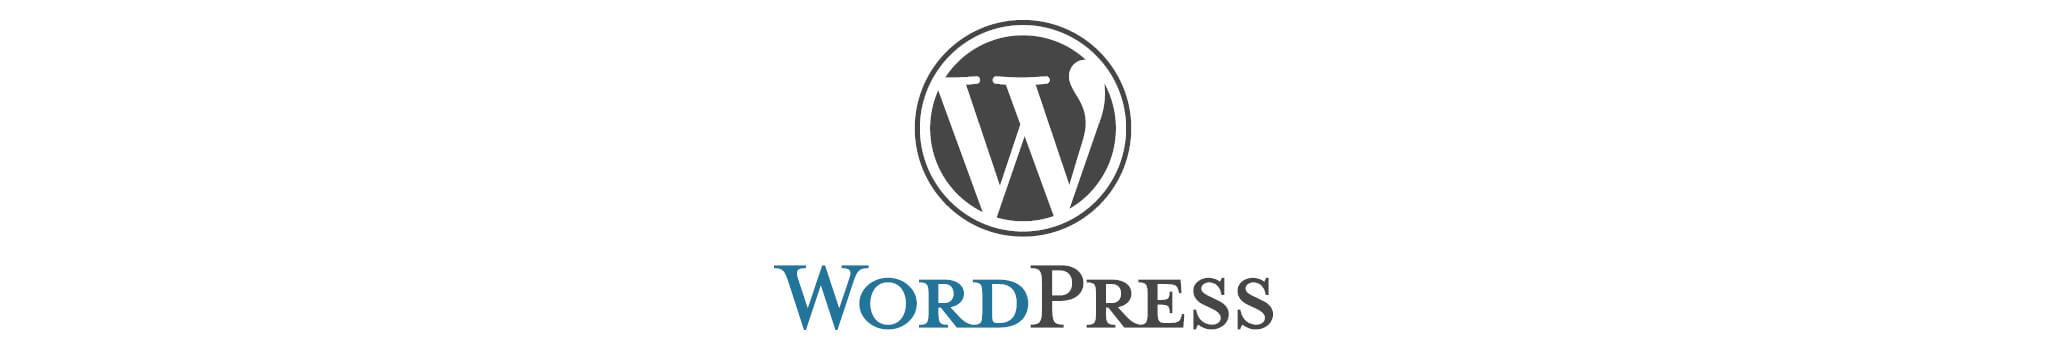 WordPress 5 Coming. Time To Gutenberg